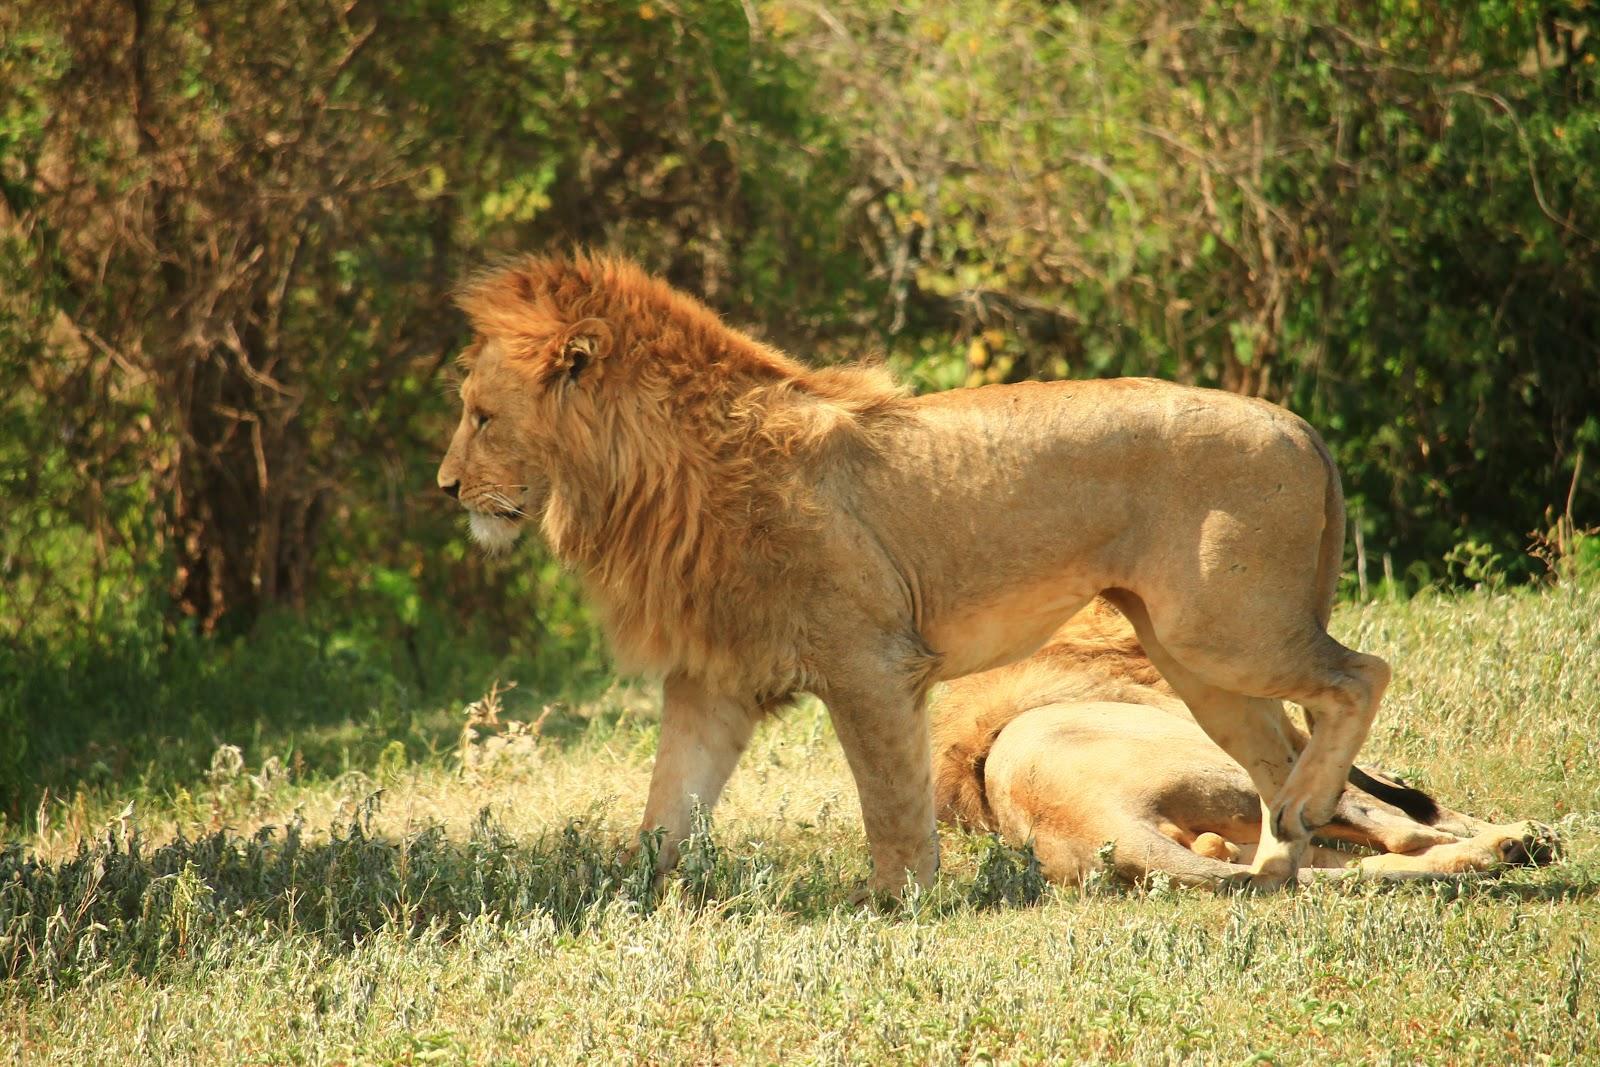 Lev, ktorý si hľadá úkryt pred slnkom, Ngorongoro